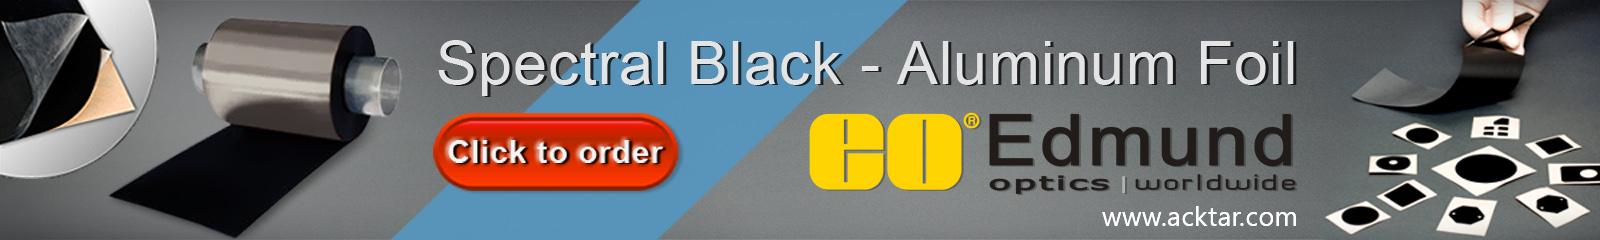 spectral black banner